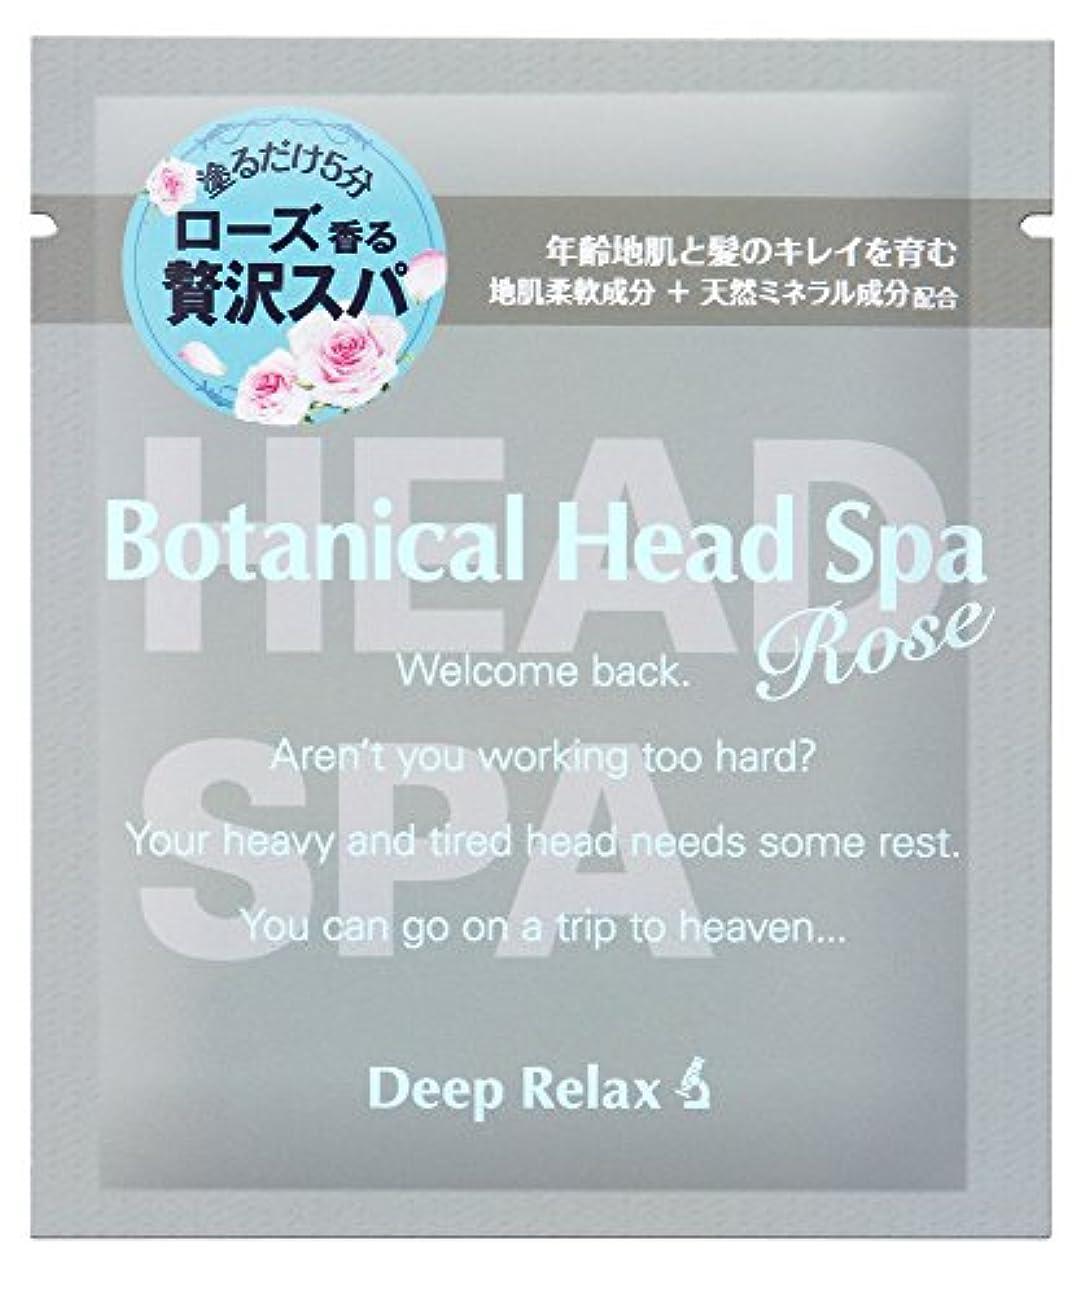 着飾る安全性マウス髪質改善研究所 ボタニカルヘッドスパローズT 30g